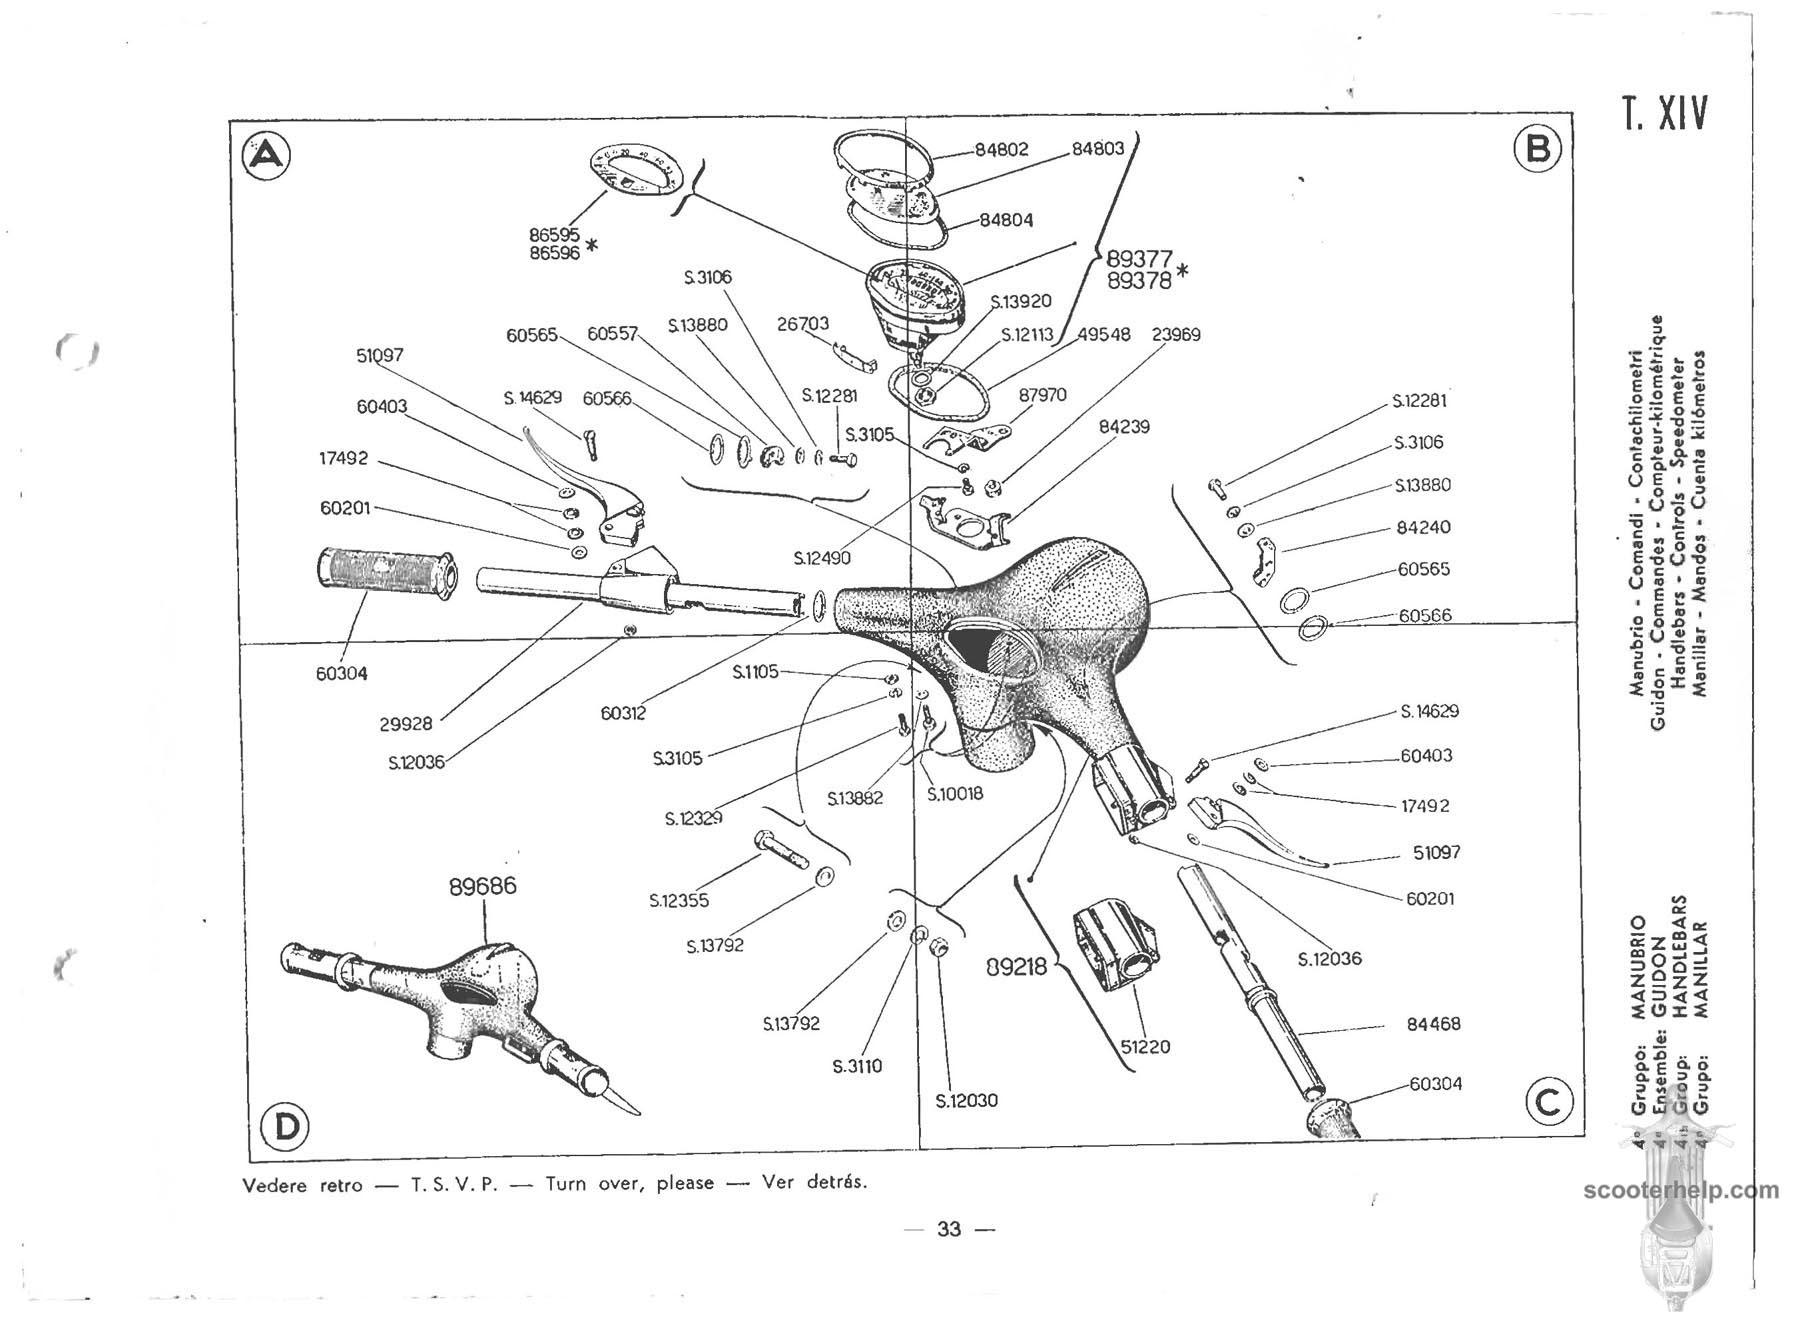 Vespa Parts Diagram Basic Wiring For Px 150 Vbb1t Manual Rh Scooterhelp Com Et4